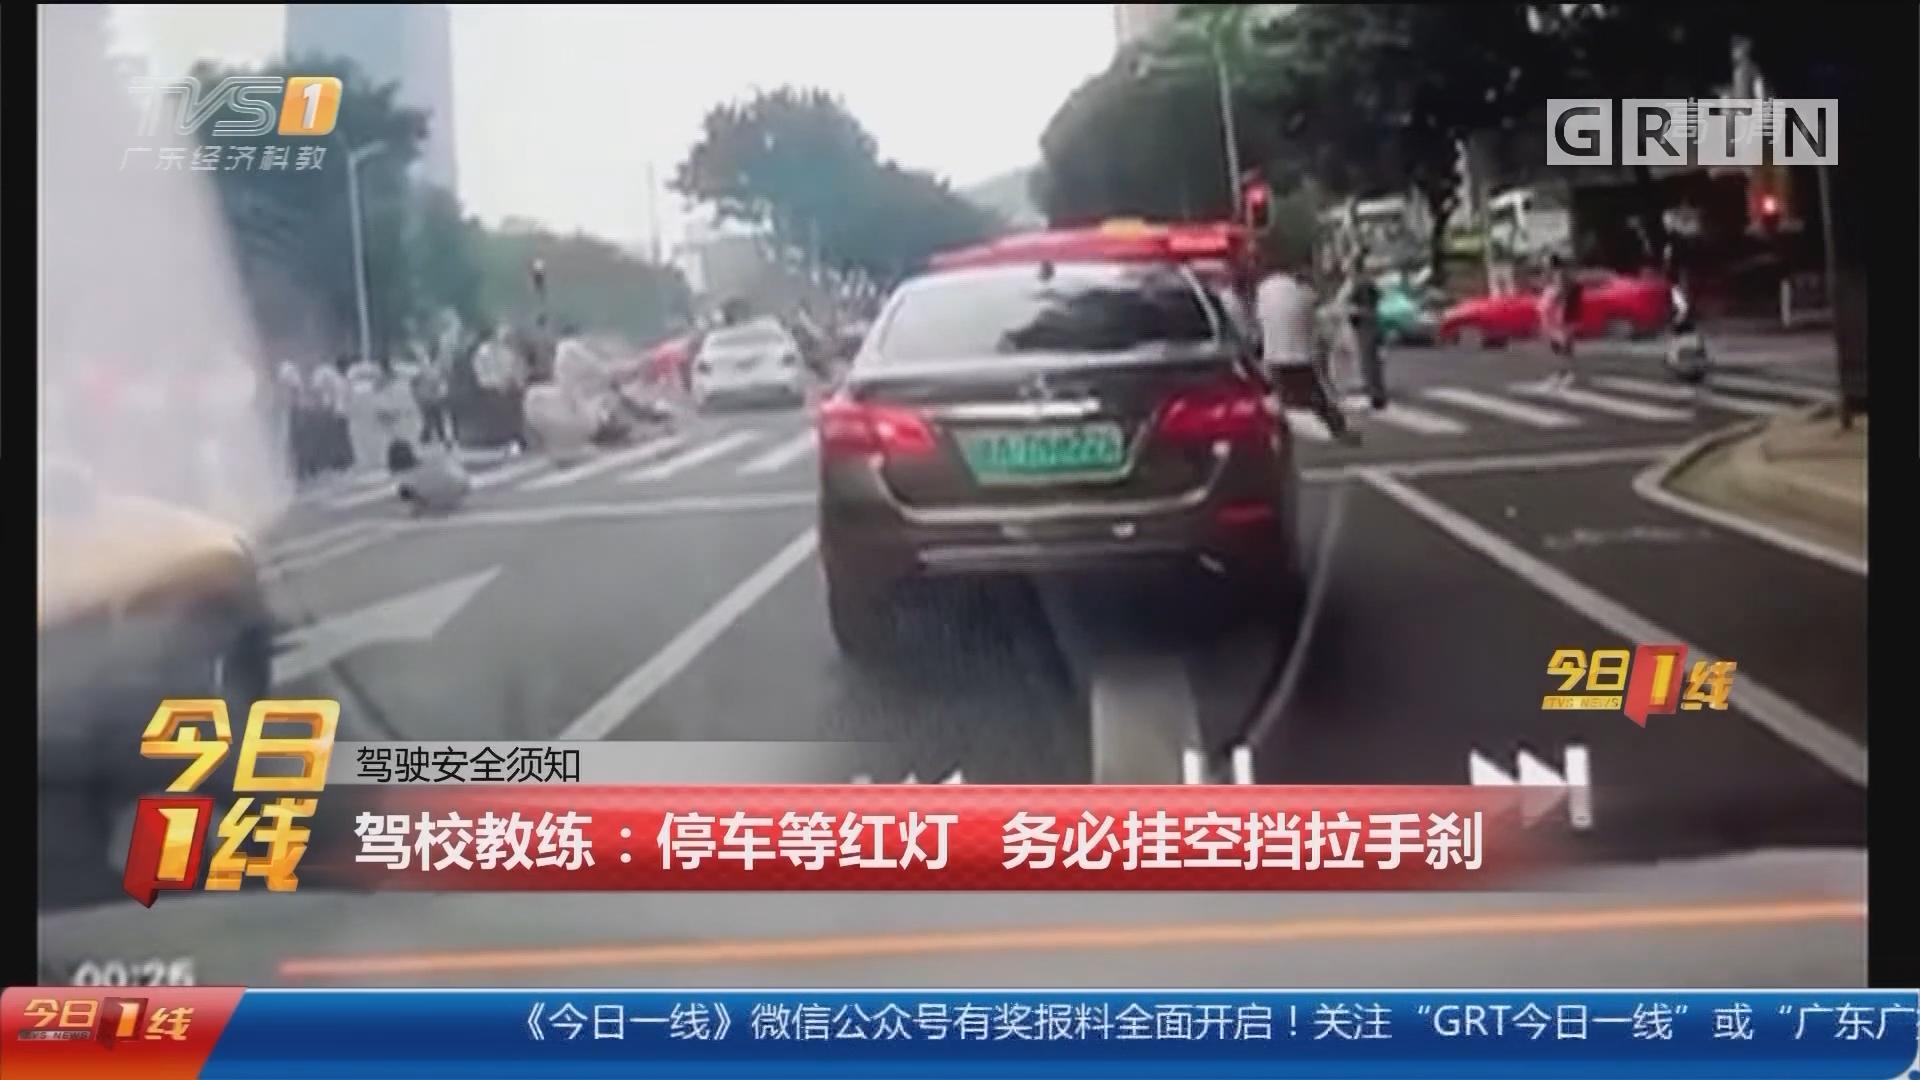 驾驶安全须知 驾校教练:停车等红灯 务必挂空挡拉手刹